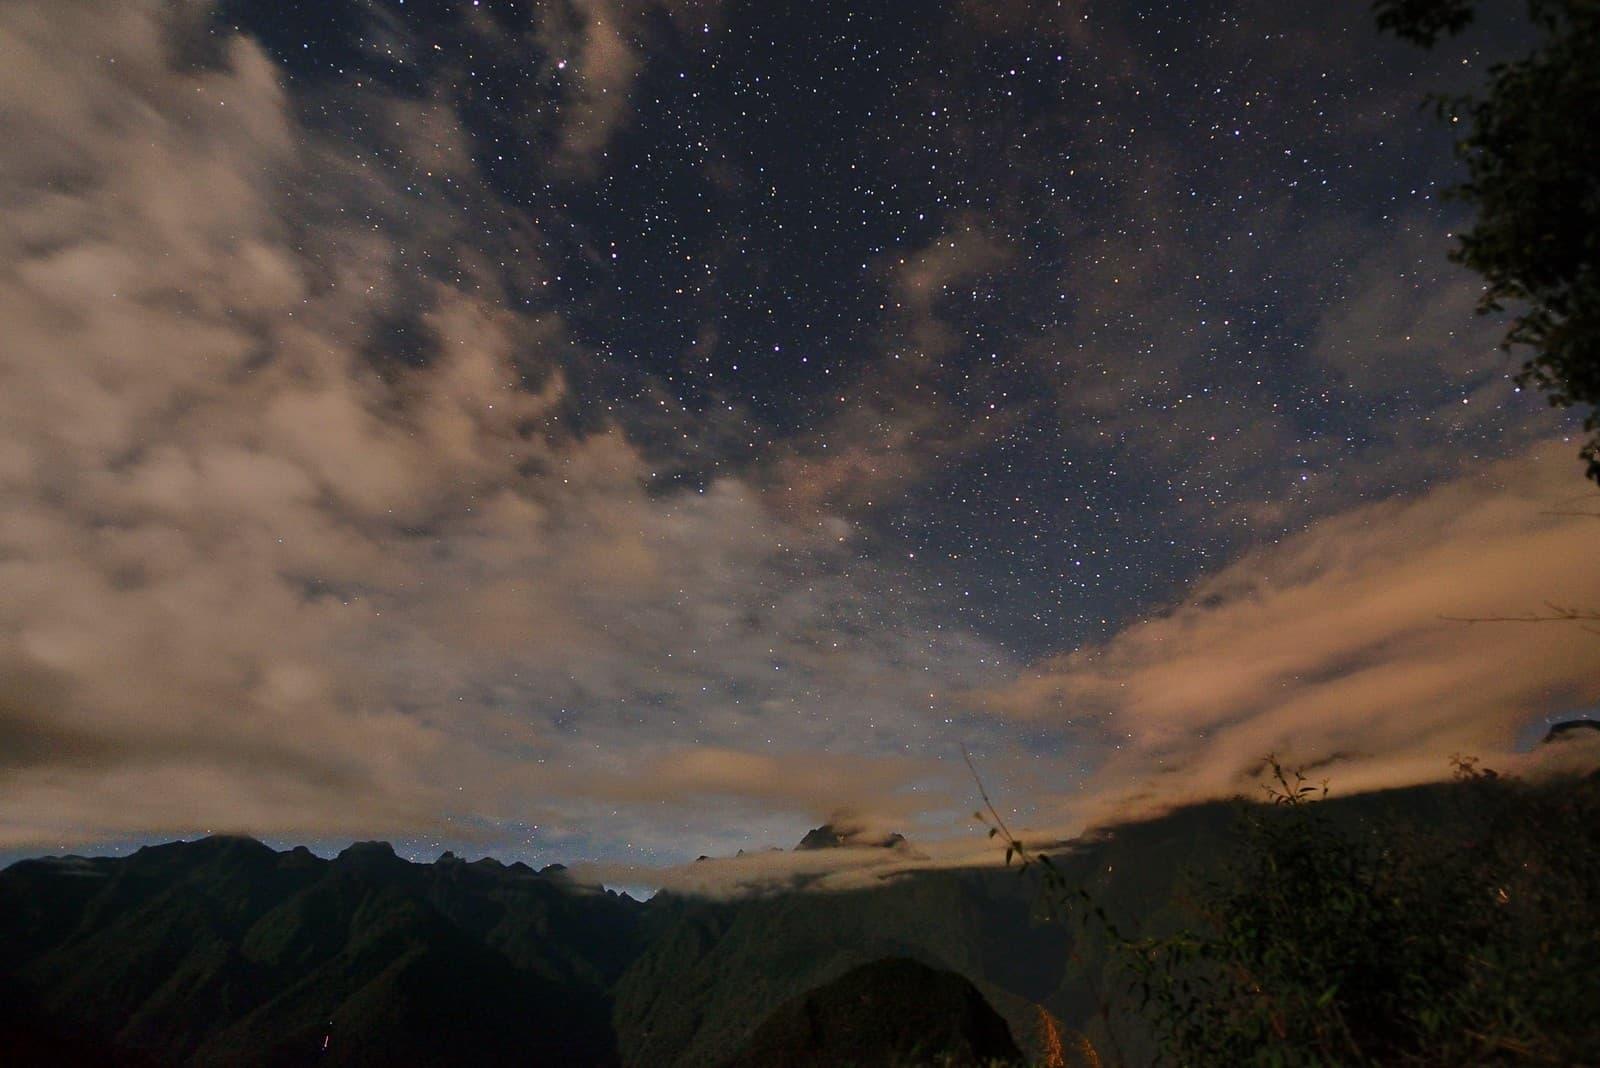 cielo estrellado sobre el valle sagrado